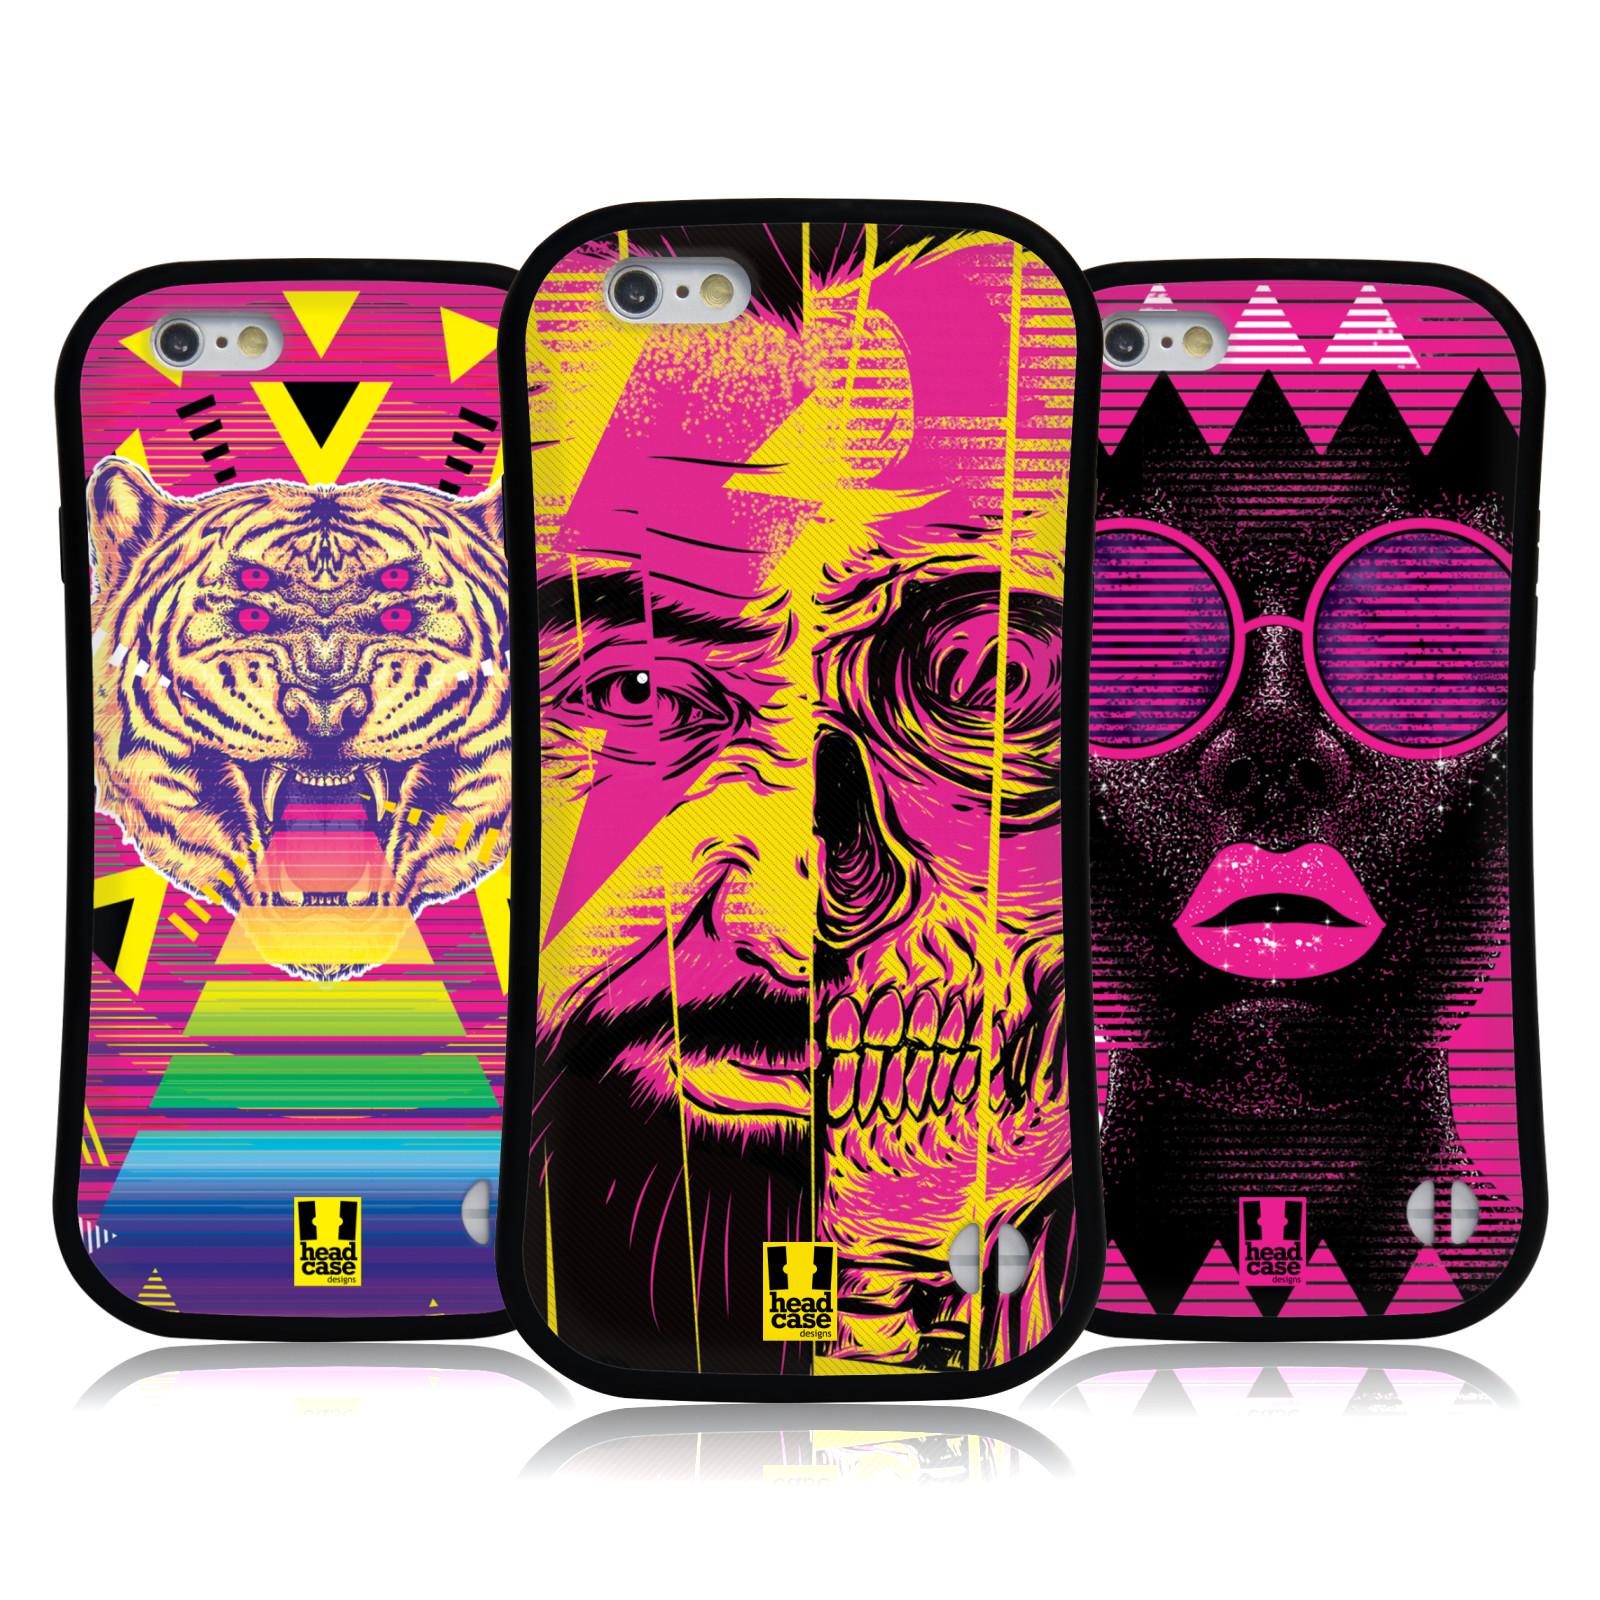 HEAD-CASE-DESIGNS-RETRO-GRAPHICS-HYBRID-CASE-FOR-APPLE-iPHONES-PHONES